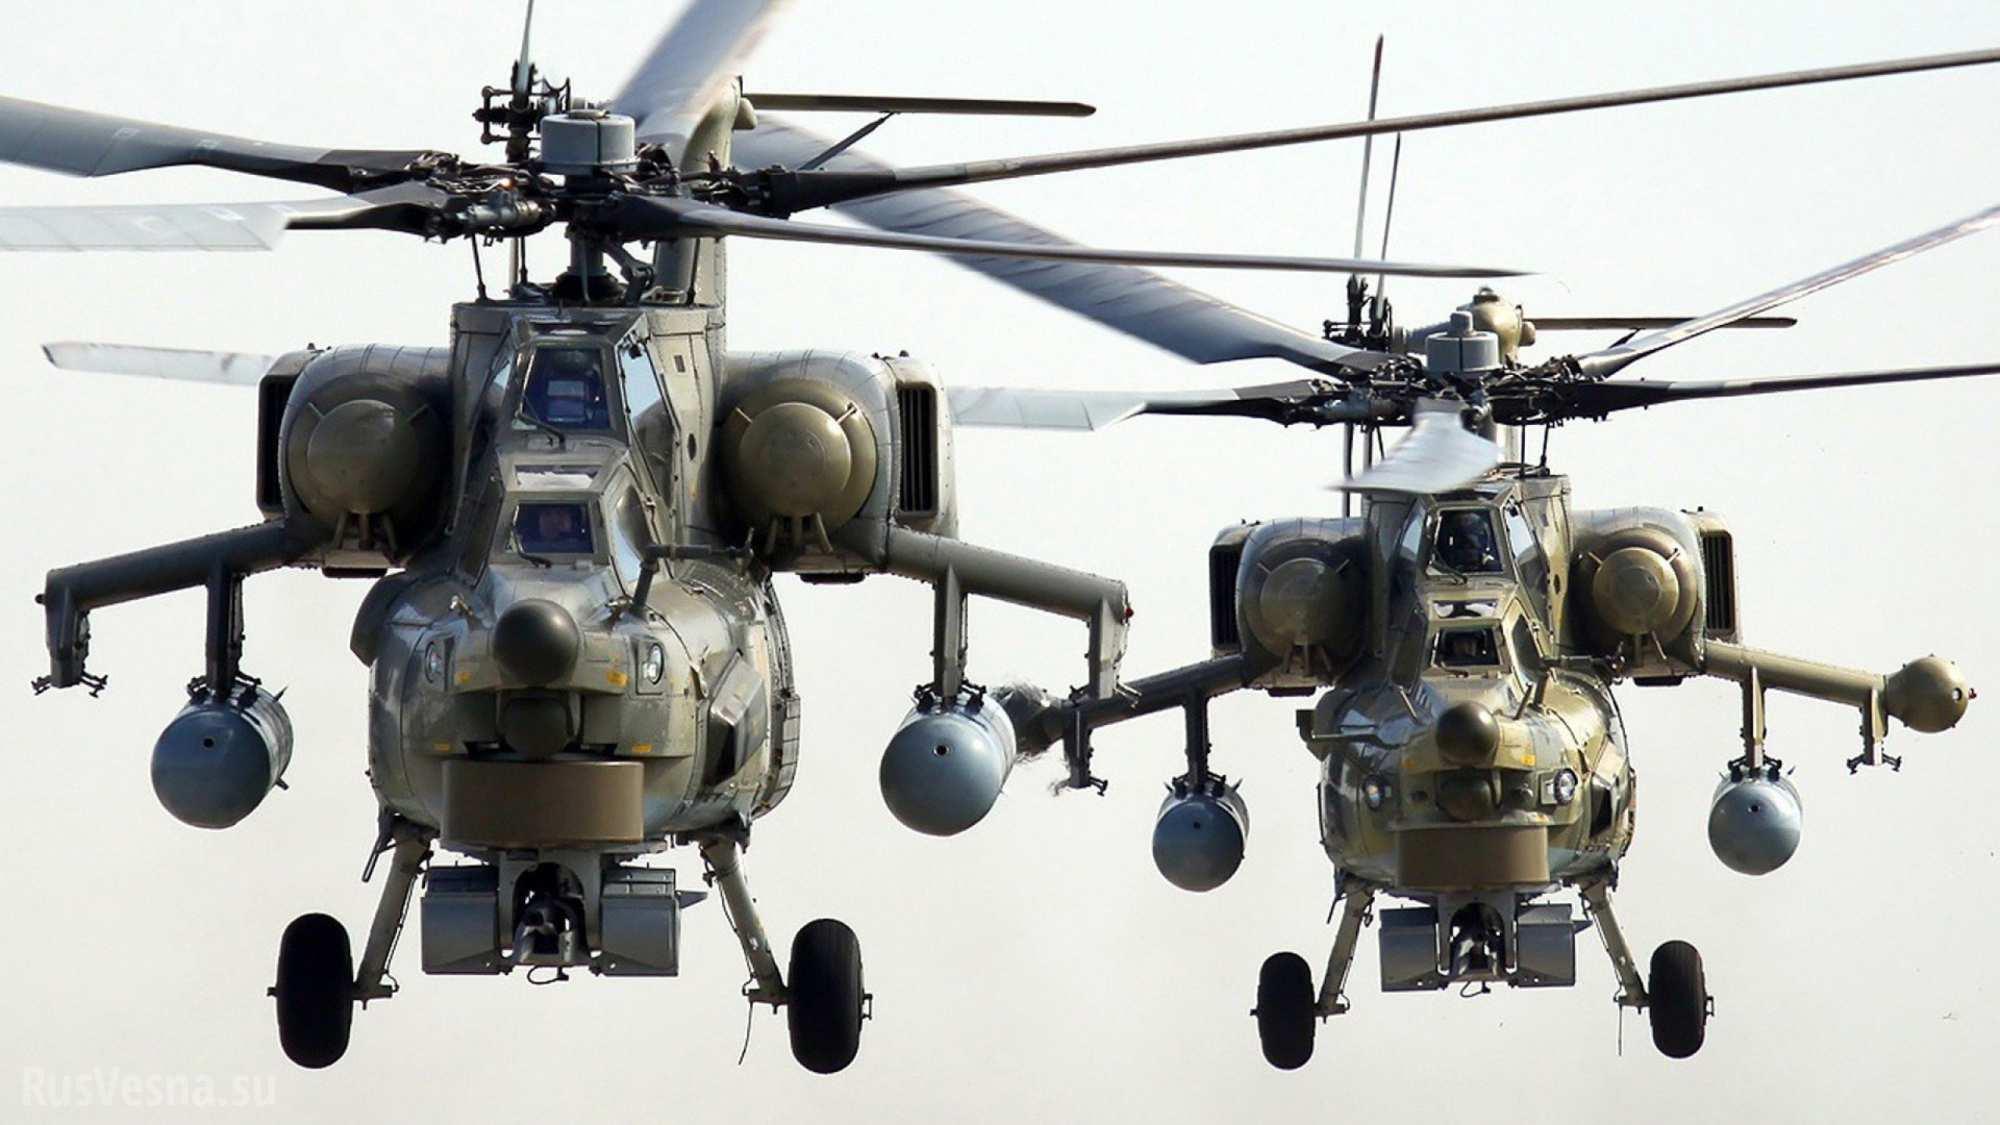 Иракские вооруженные силы получили очередную партию российских вертолетов Ми-28 «Ночной охотник»